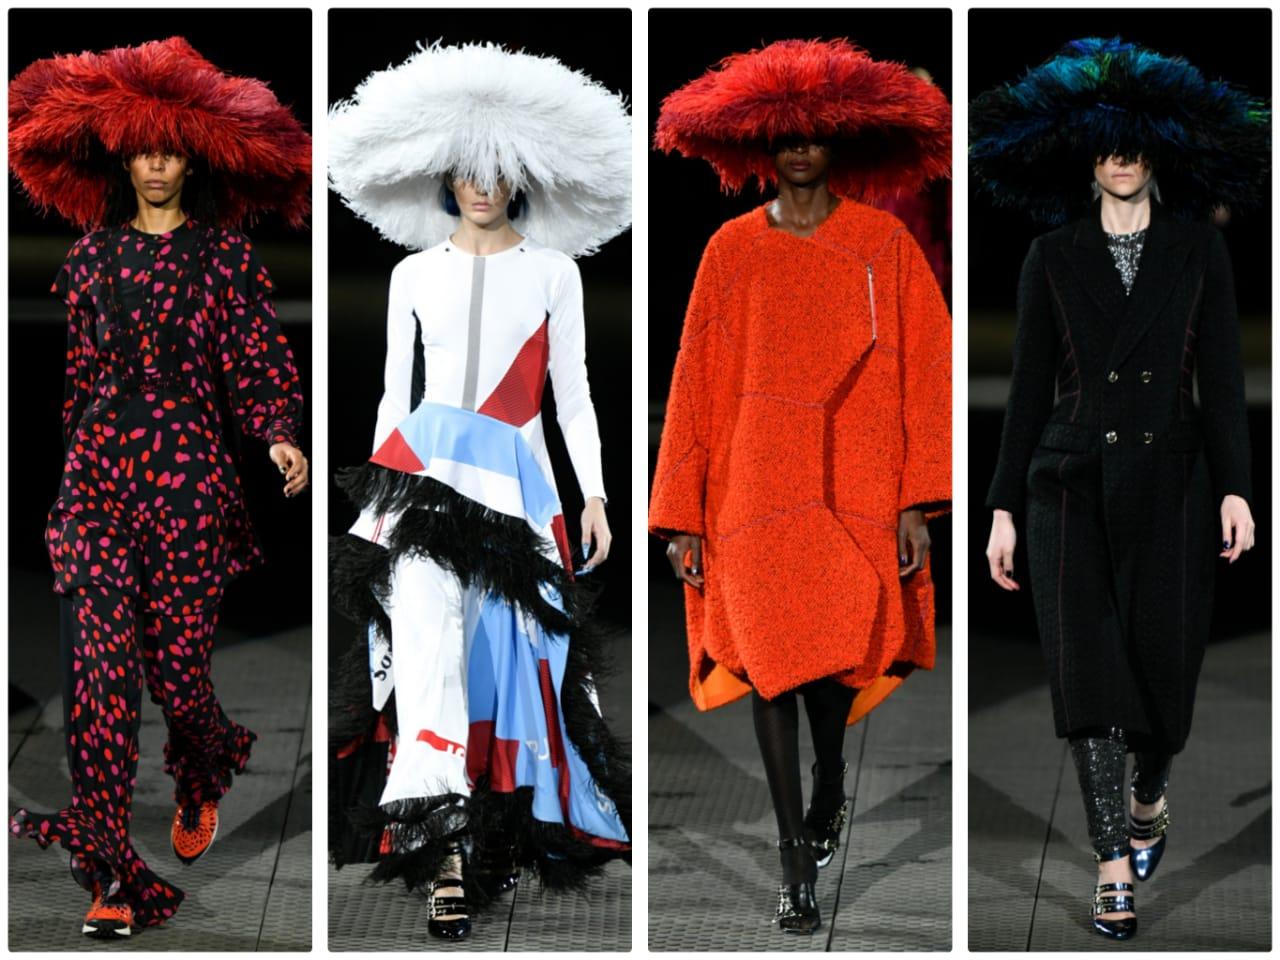 اسبوع الموضة بباريس (1)